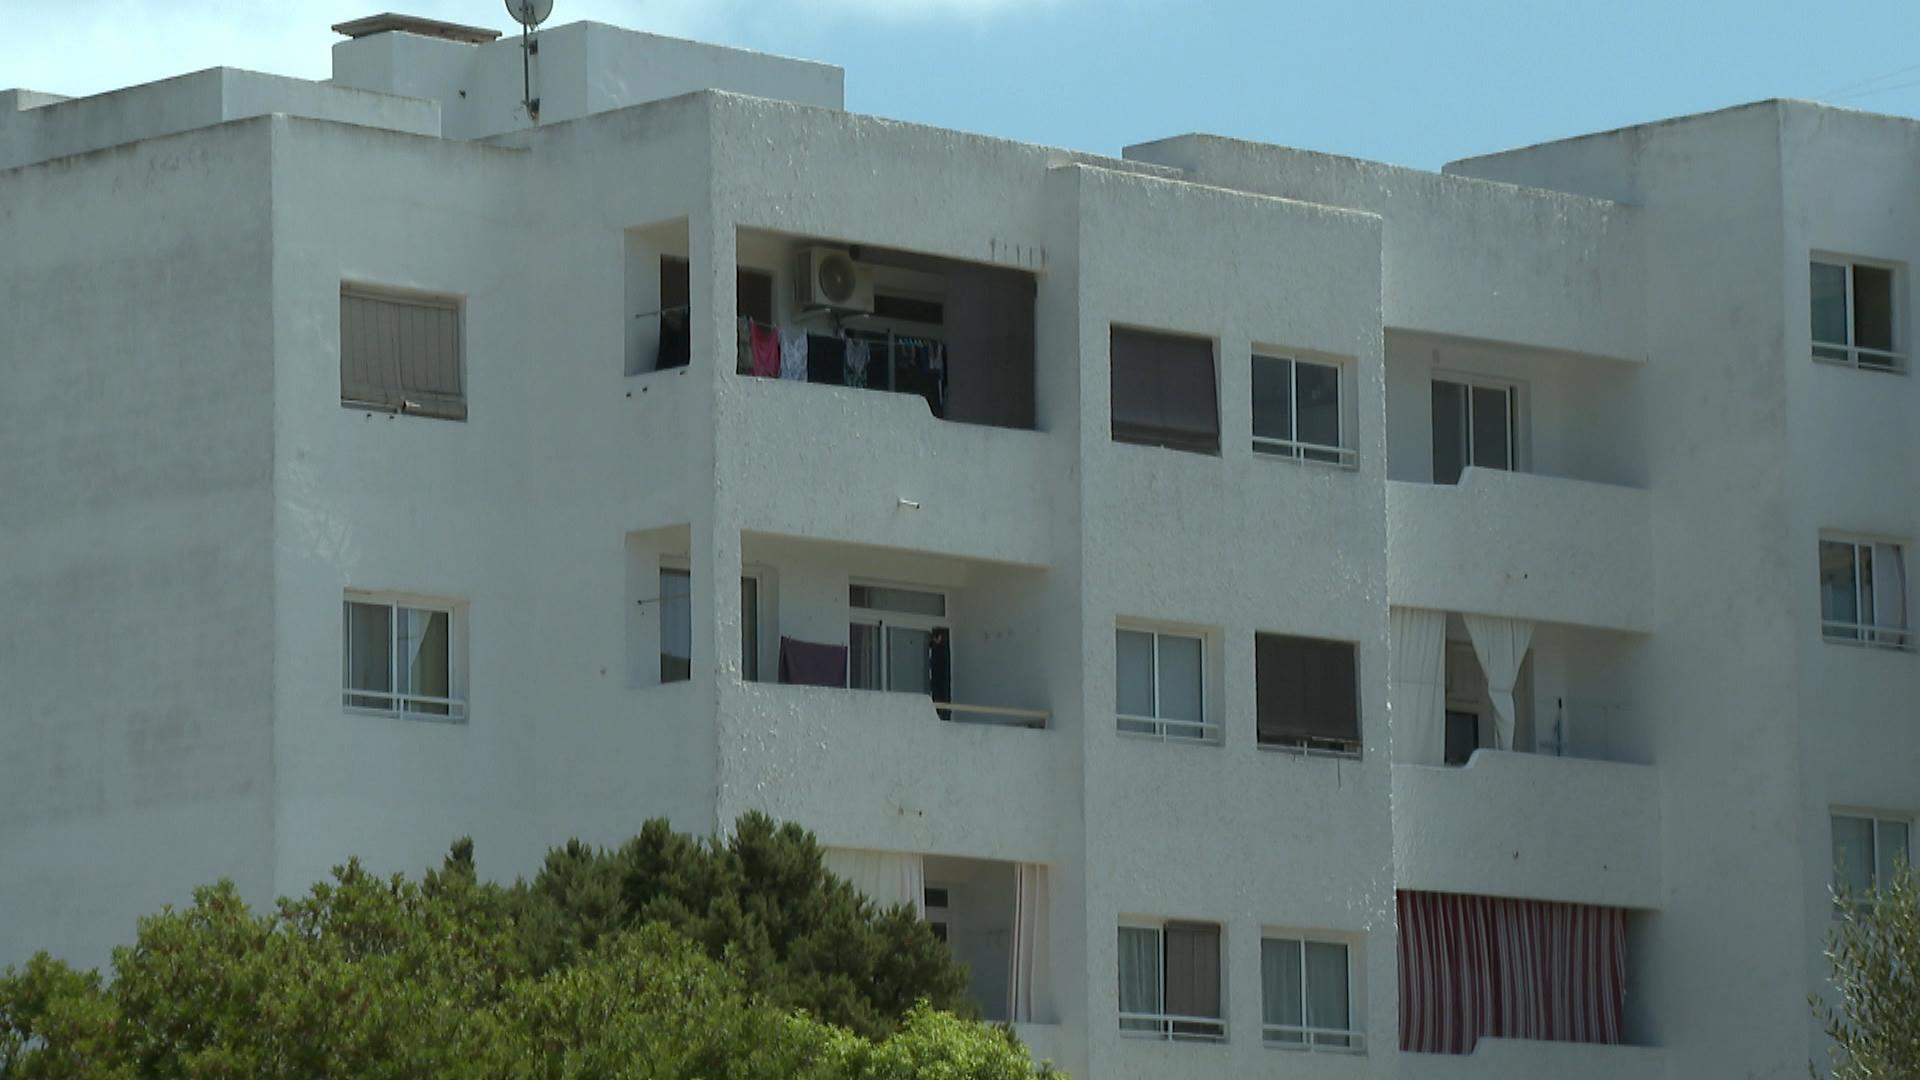 Els+preus+del+lloguer+a+Formentera+continuen+desorbitats